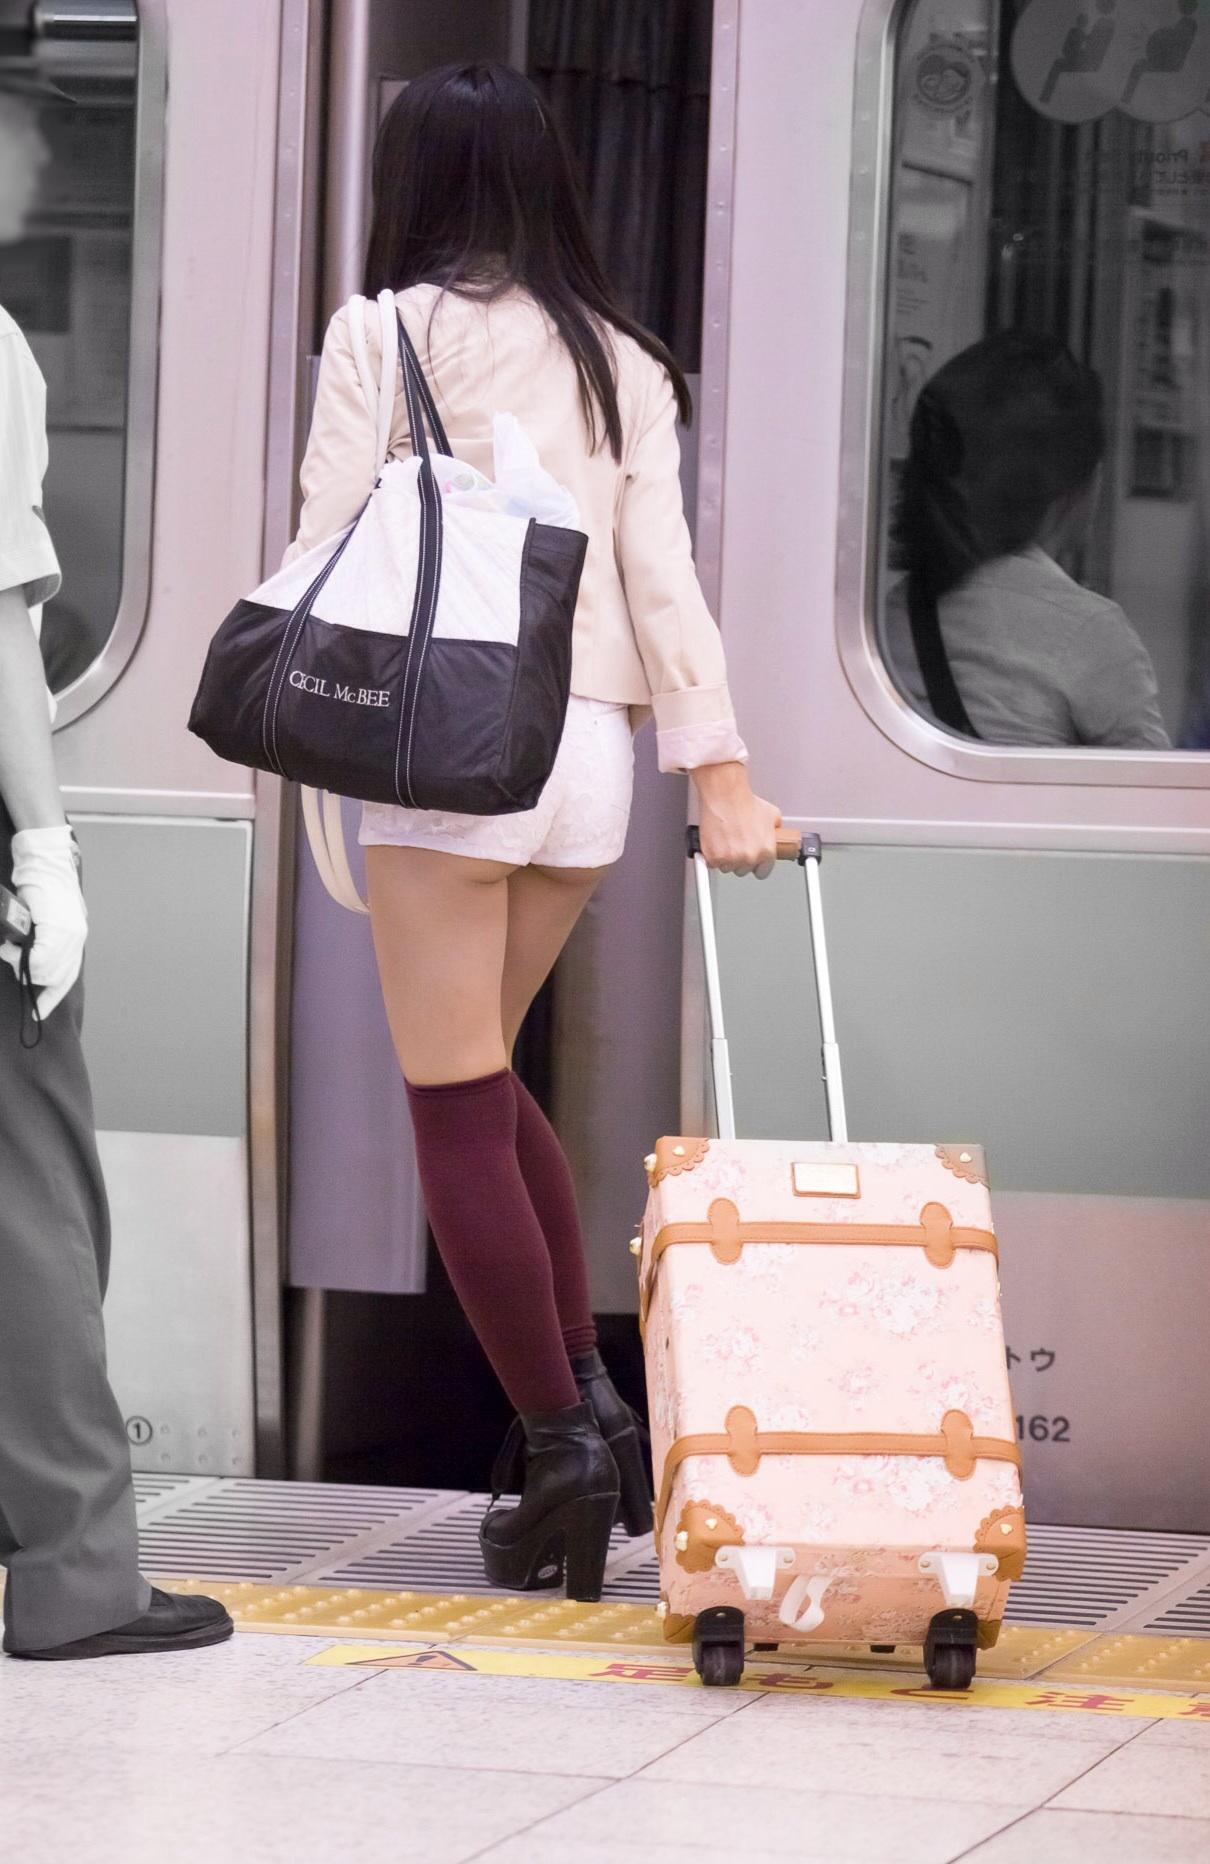 【着尻エロ画像】普段着なのにさりげなくハミ尻かました一般人!(;^ω^)